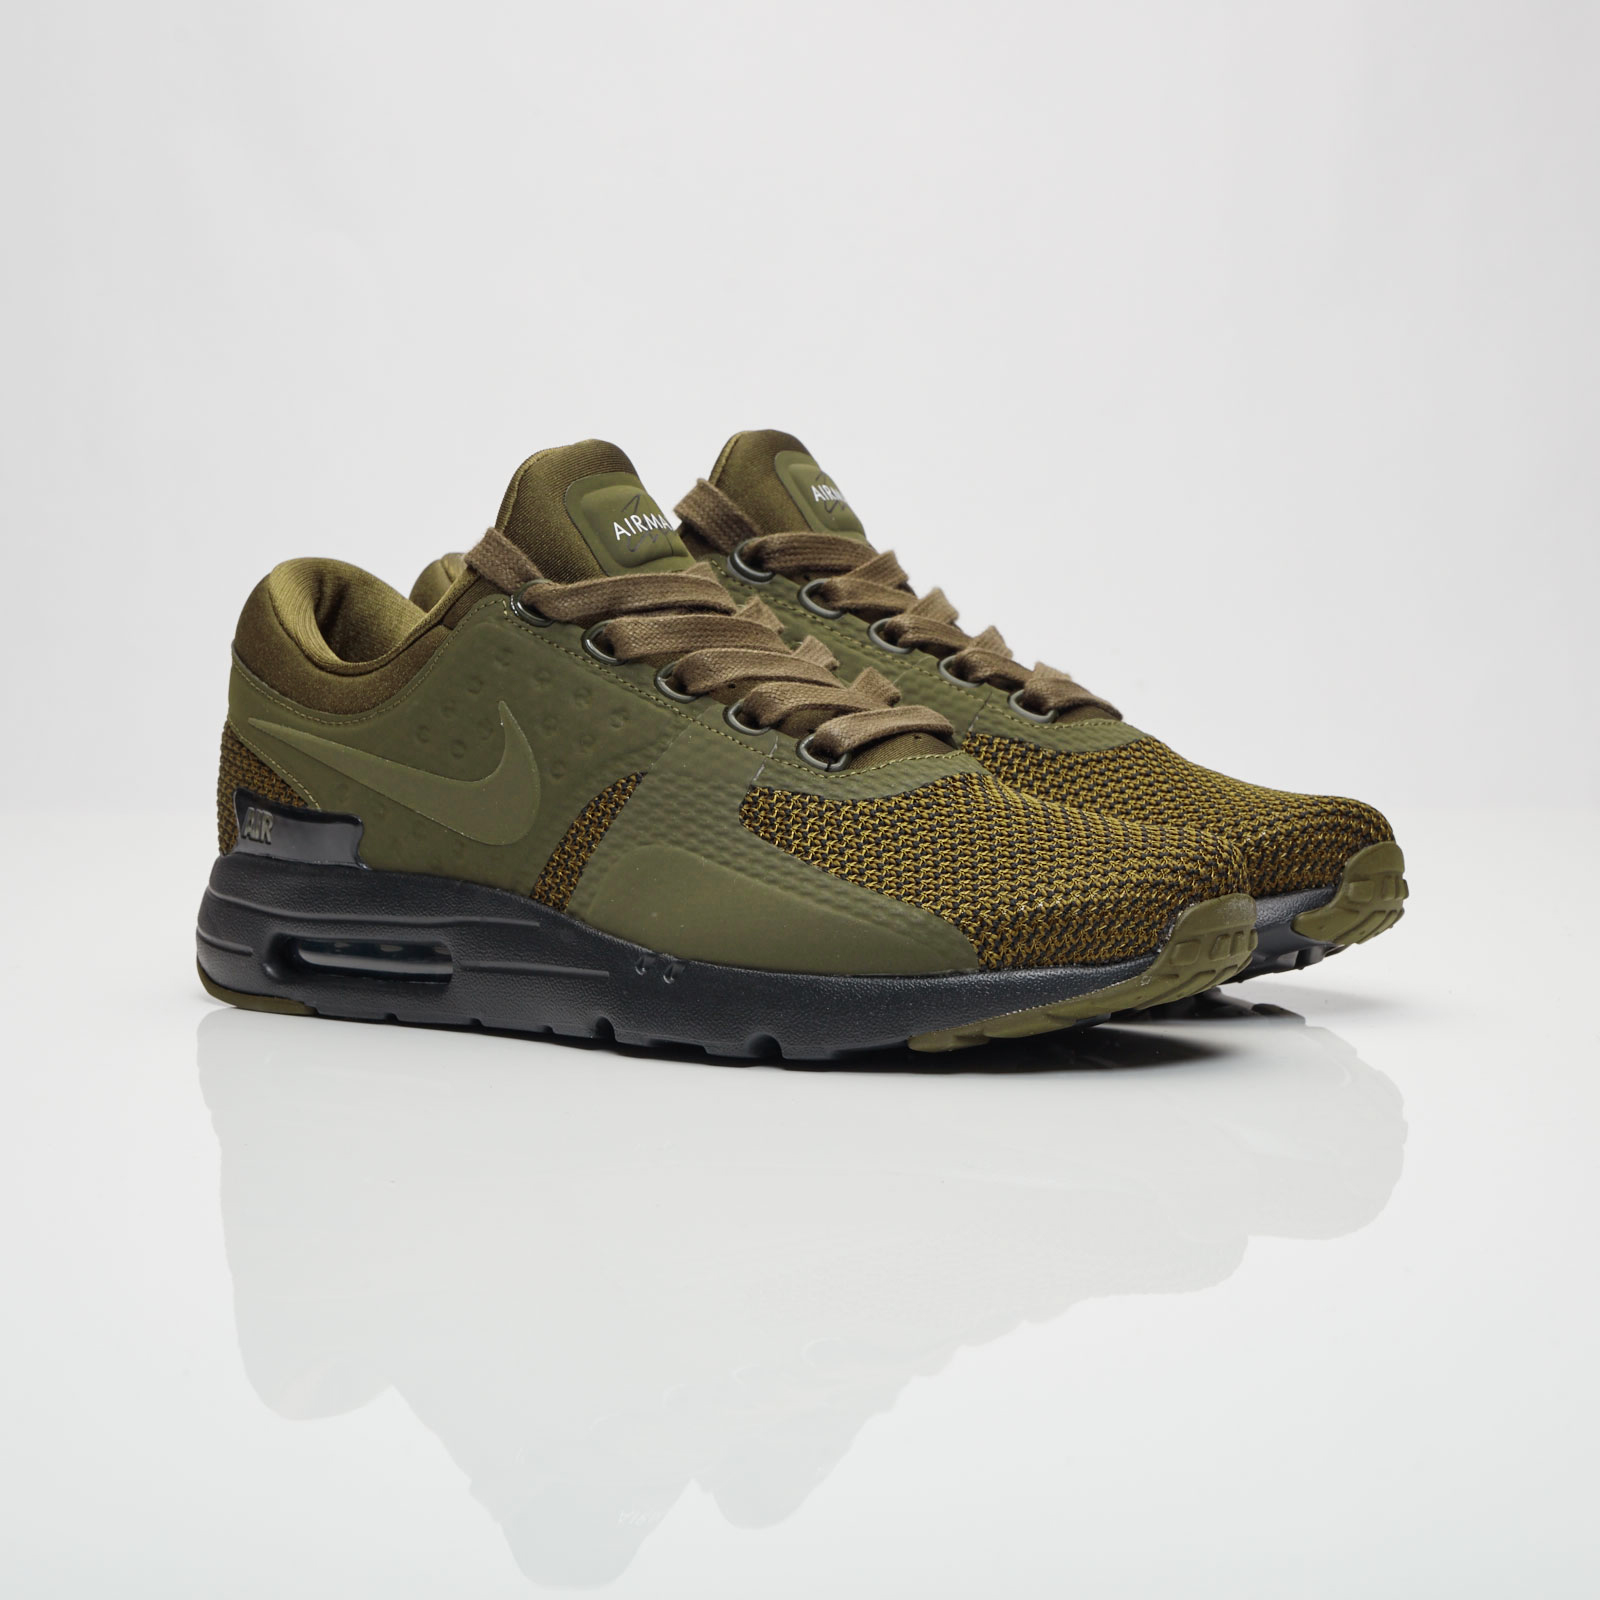 pretty nice 351b4 84d84 Nike Air Max Zero Premium